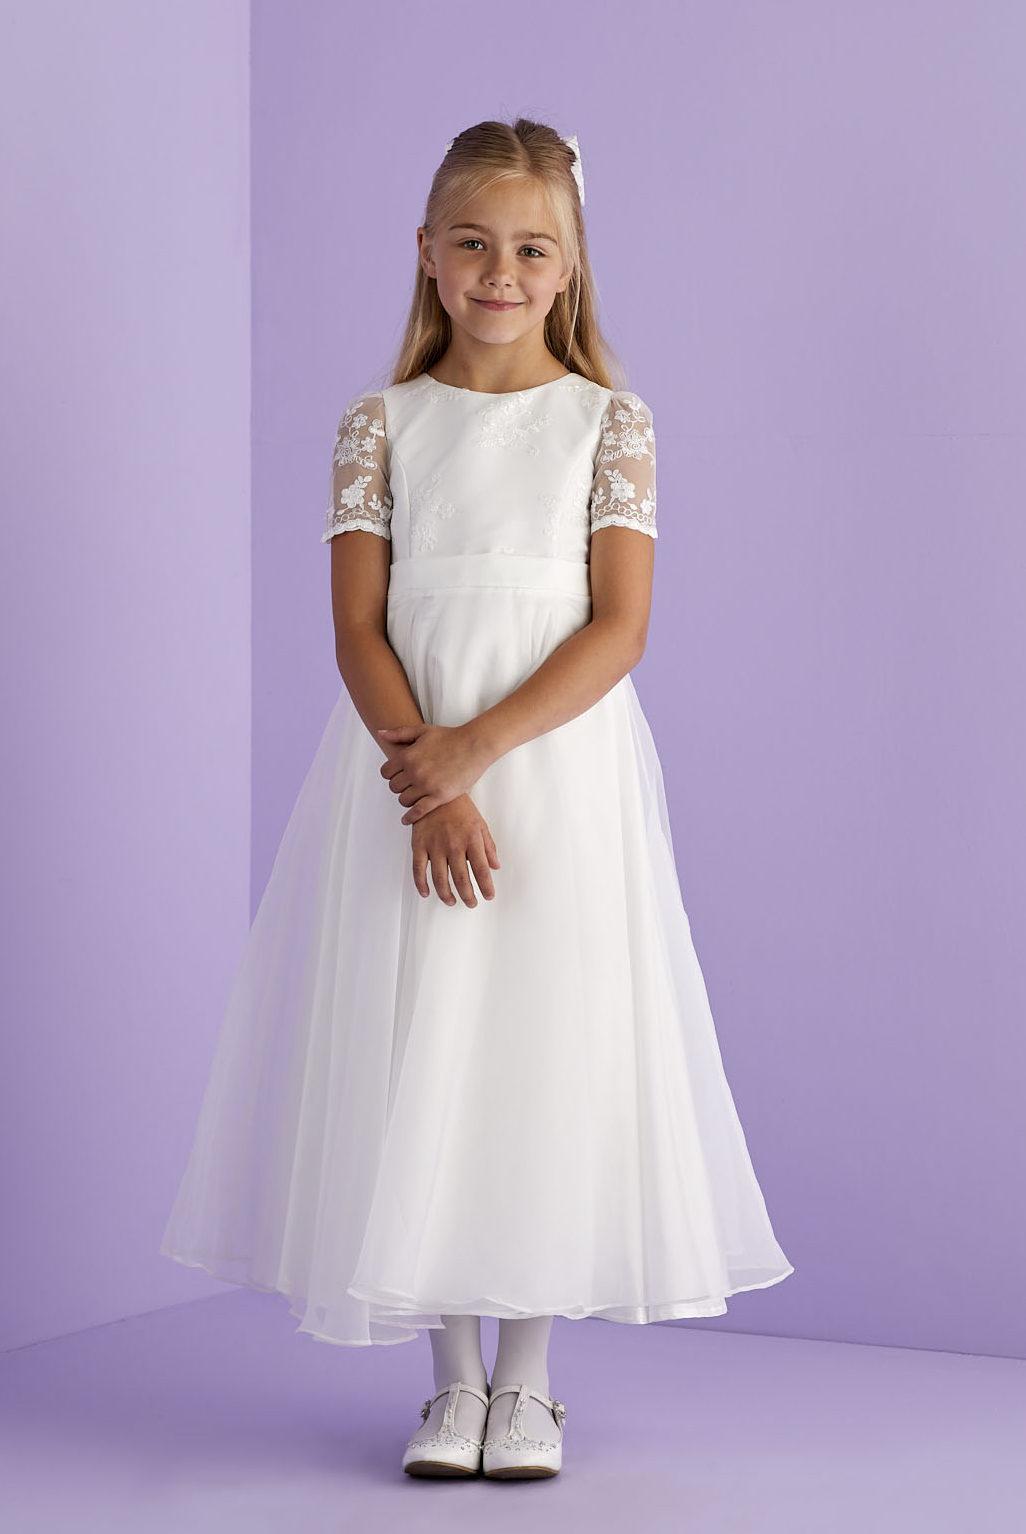 2021 Melisaa Communion Dress by Peridot Image